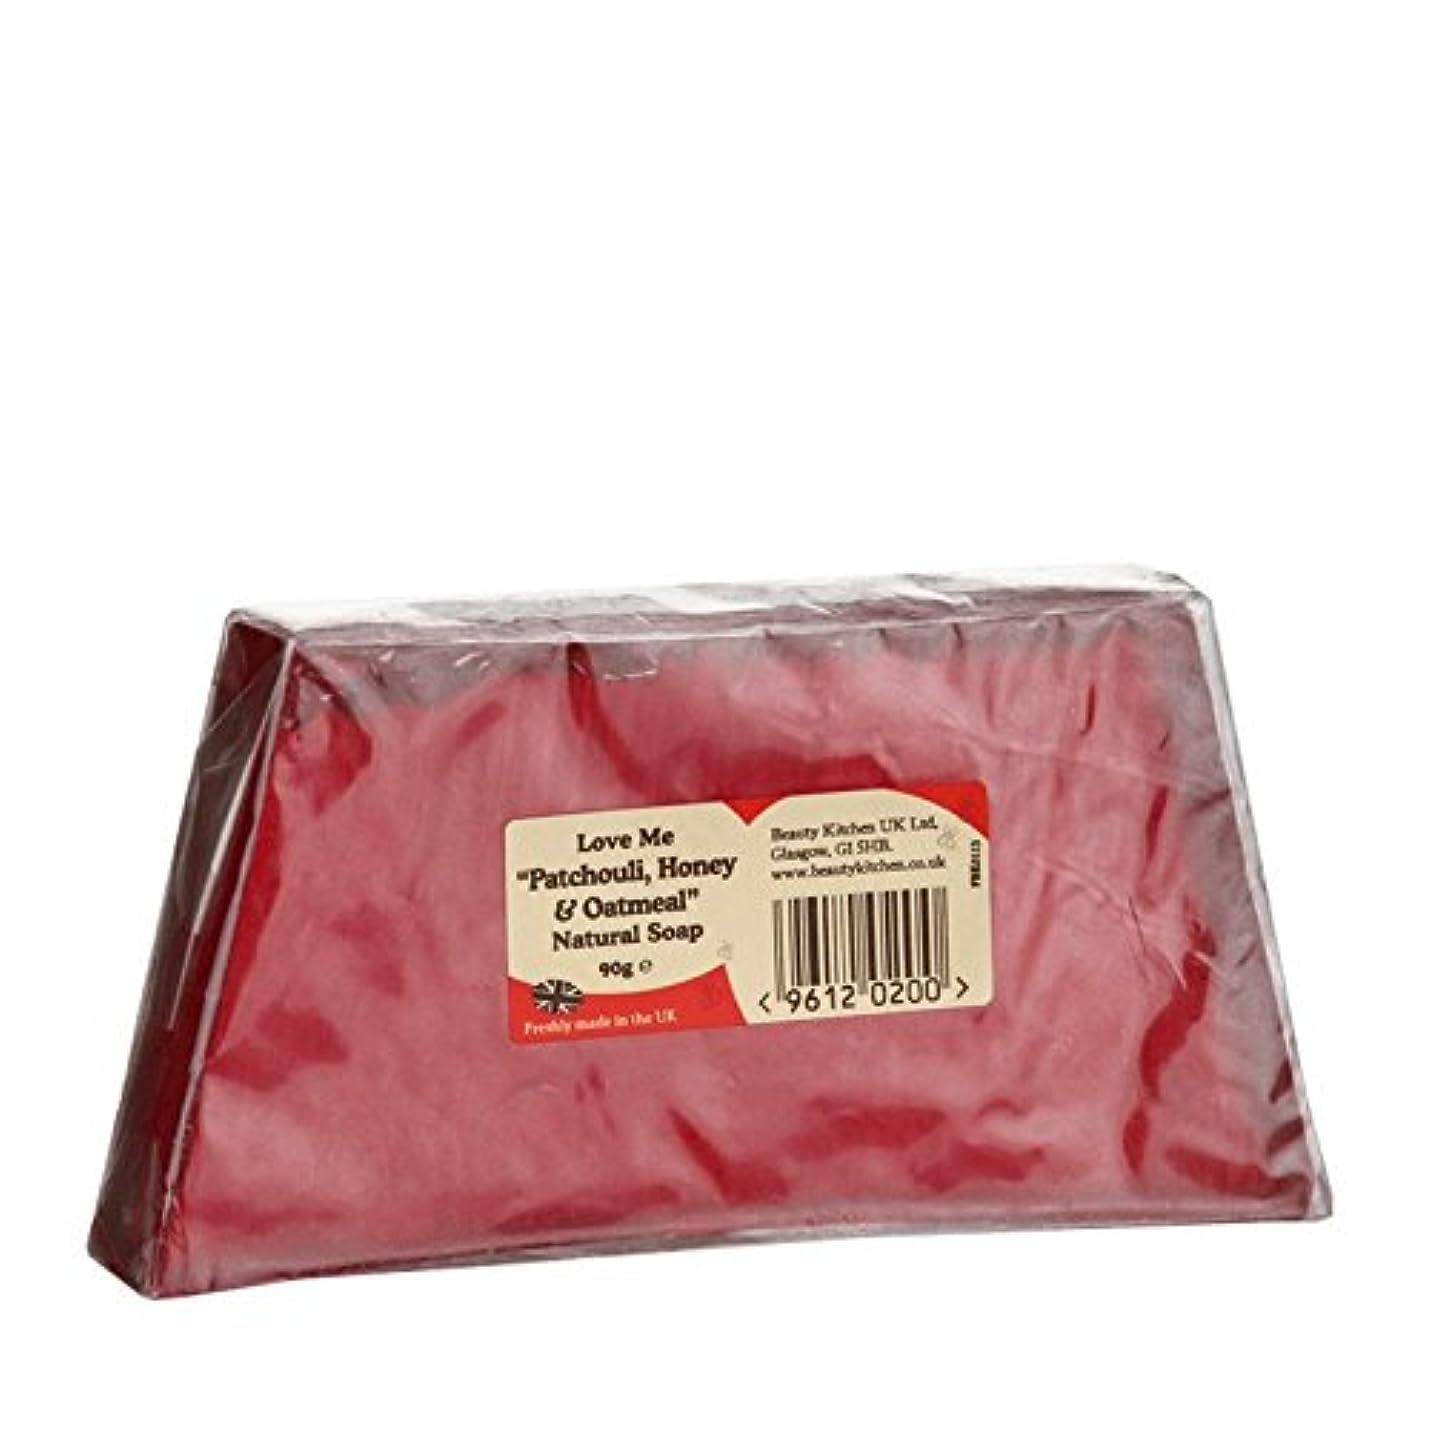 内部ガム支援するBeauty Kitchen Love Me Patchouli, Honey & Oatmeal Natural Soap 90g (Pack of 6) - 美しさのキッチンは私にパチョリ、ハニー&オートミール、天然石鹸...